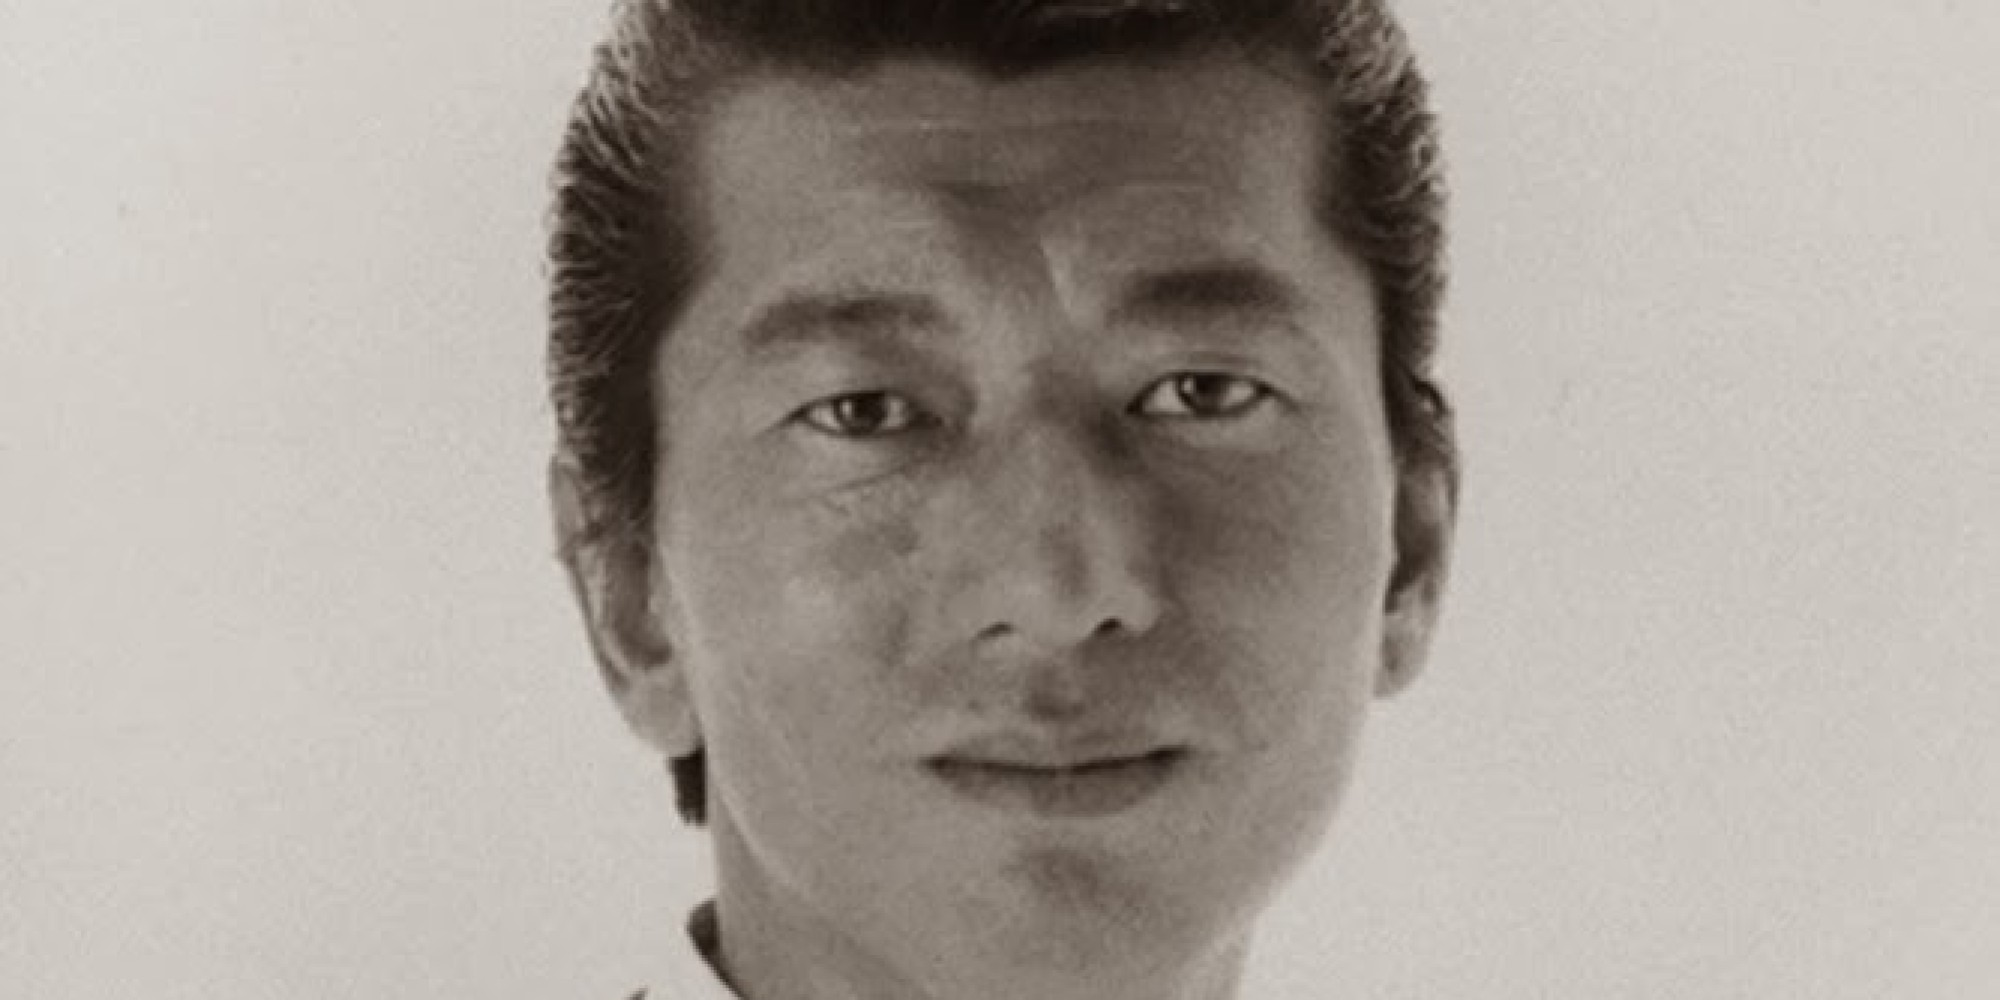 三浦洋一 (俳優)の画像 p1_17